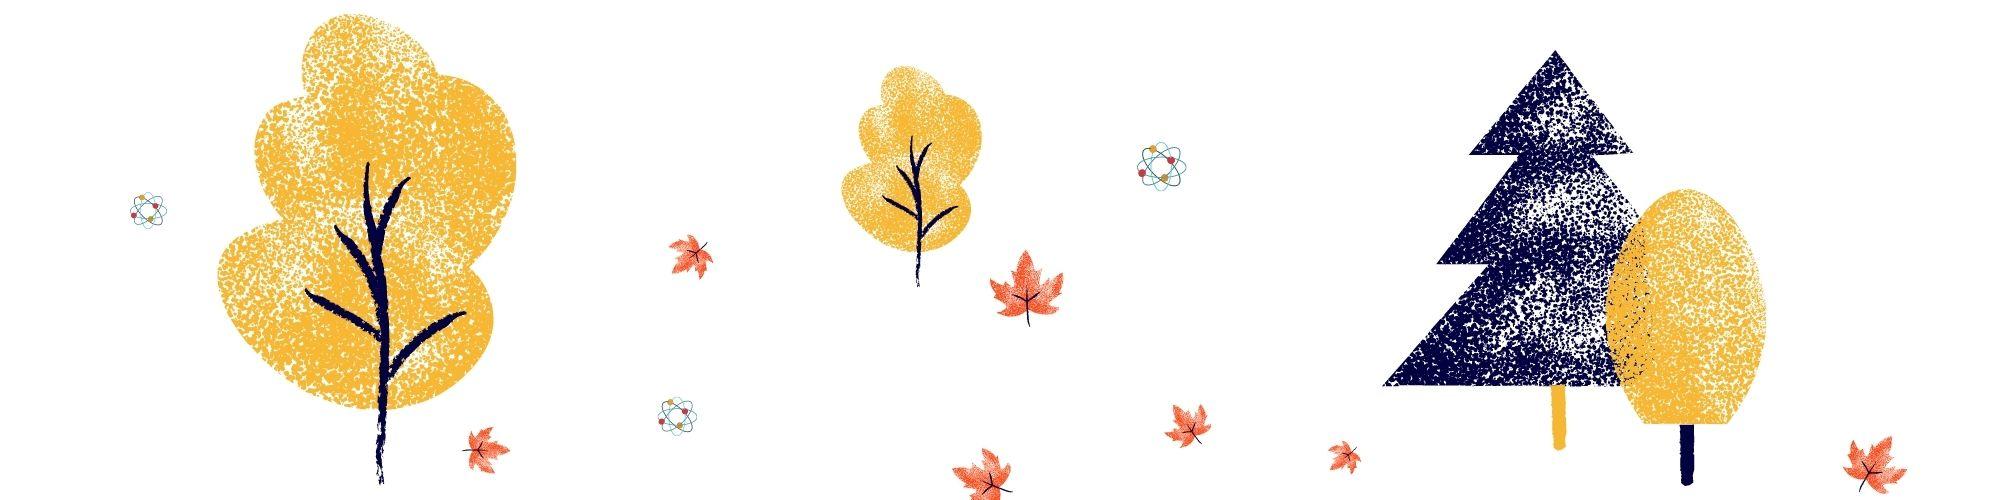 Andrea Muriel - poemas